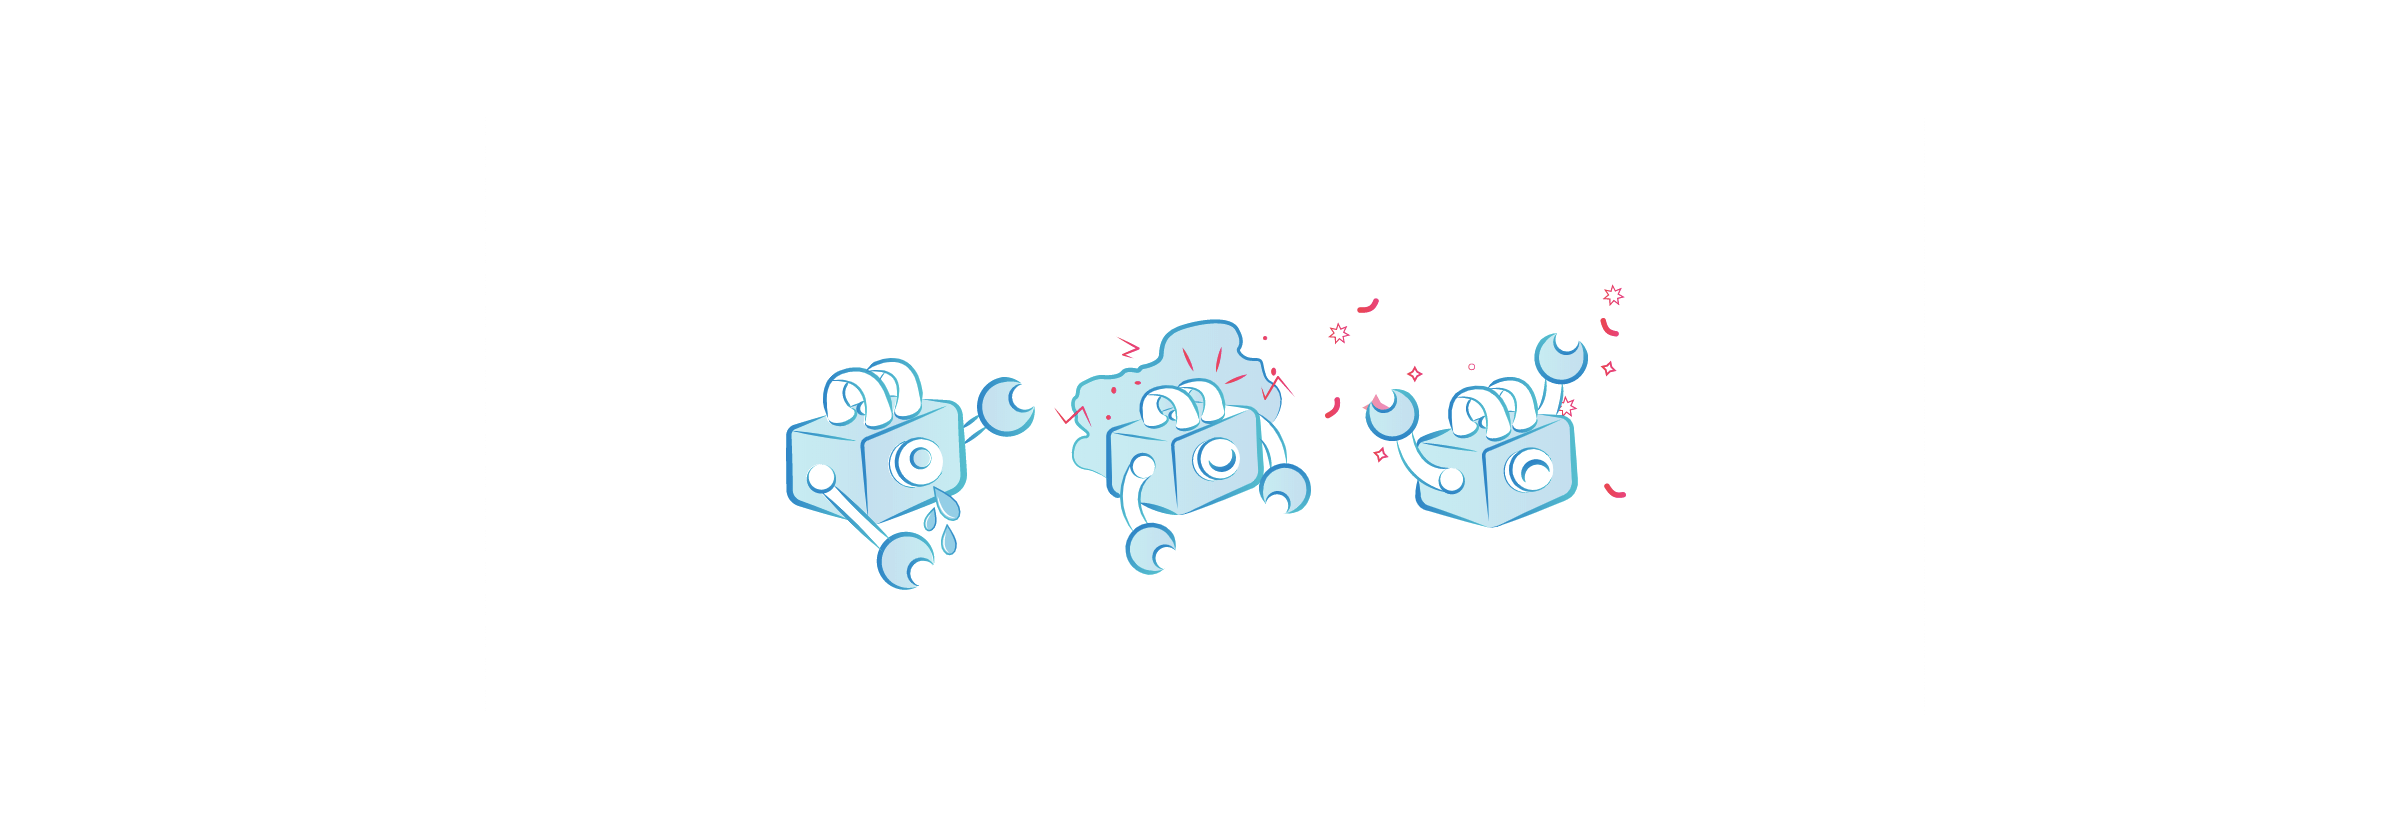 Feelsbot